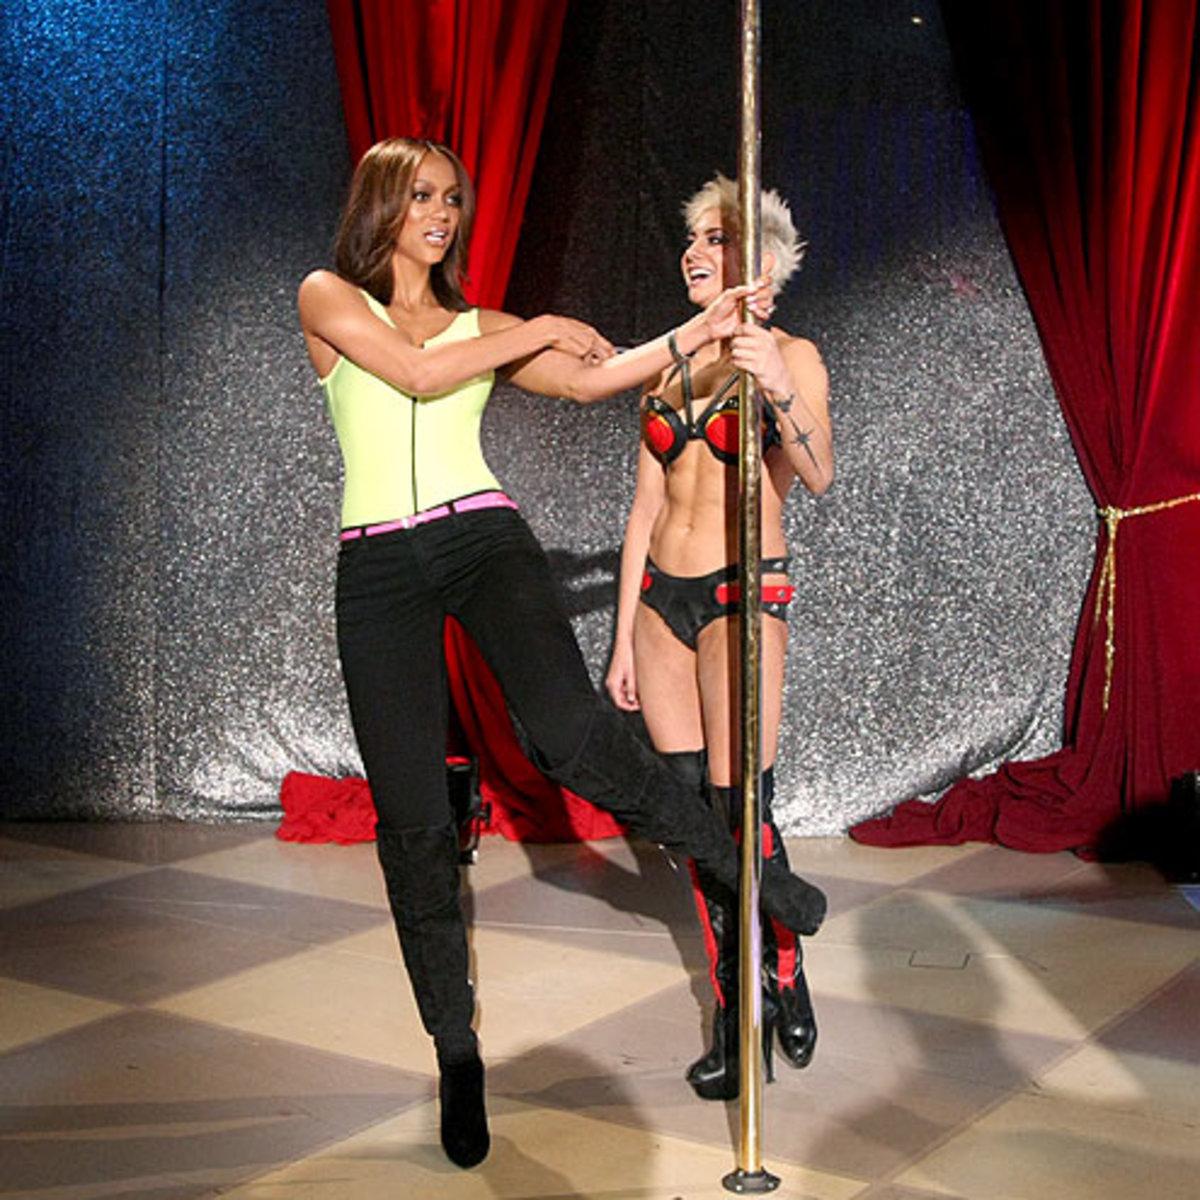 Η παρουσιάστρια Tyra Banks σε ώρα εργασίας